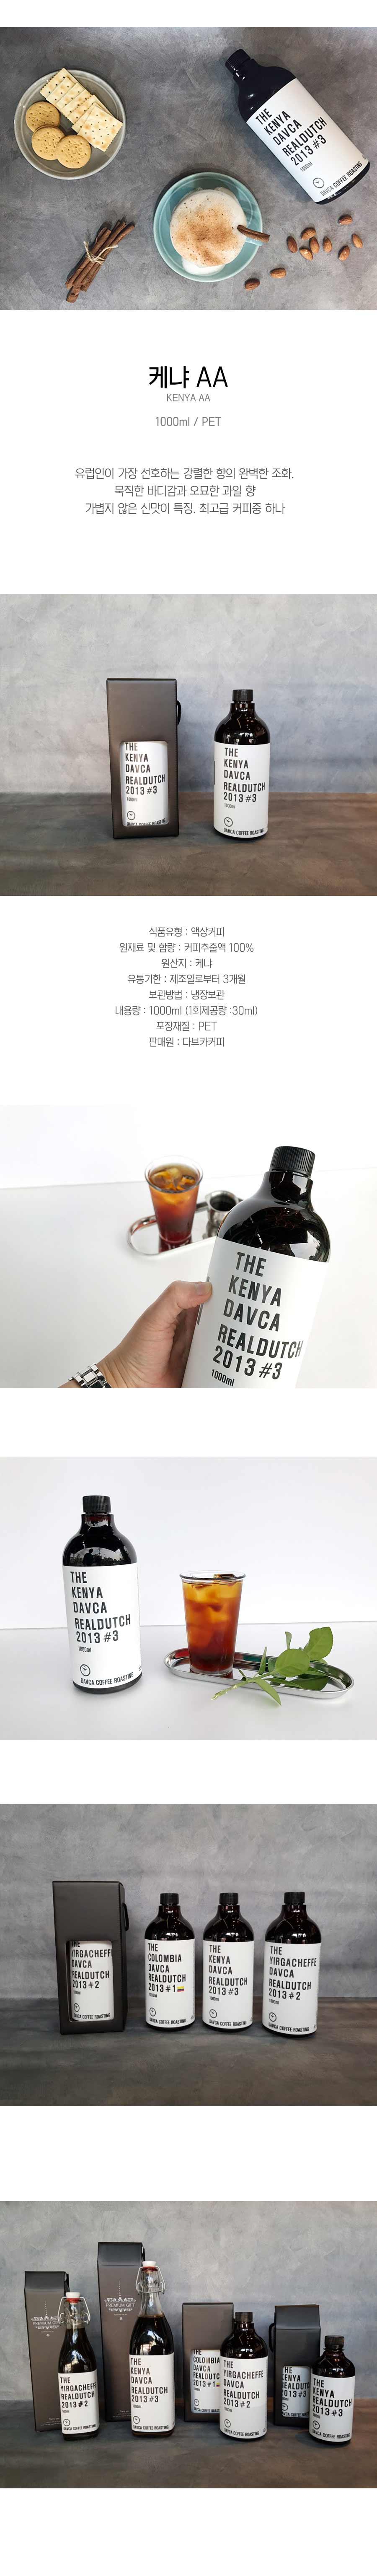 케냐AA-콜드브루더치커피원액 선물-1000ml-P - 다브카커피, 24,900원, 커피, 더치커피